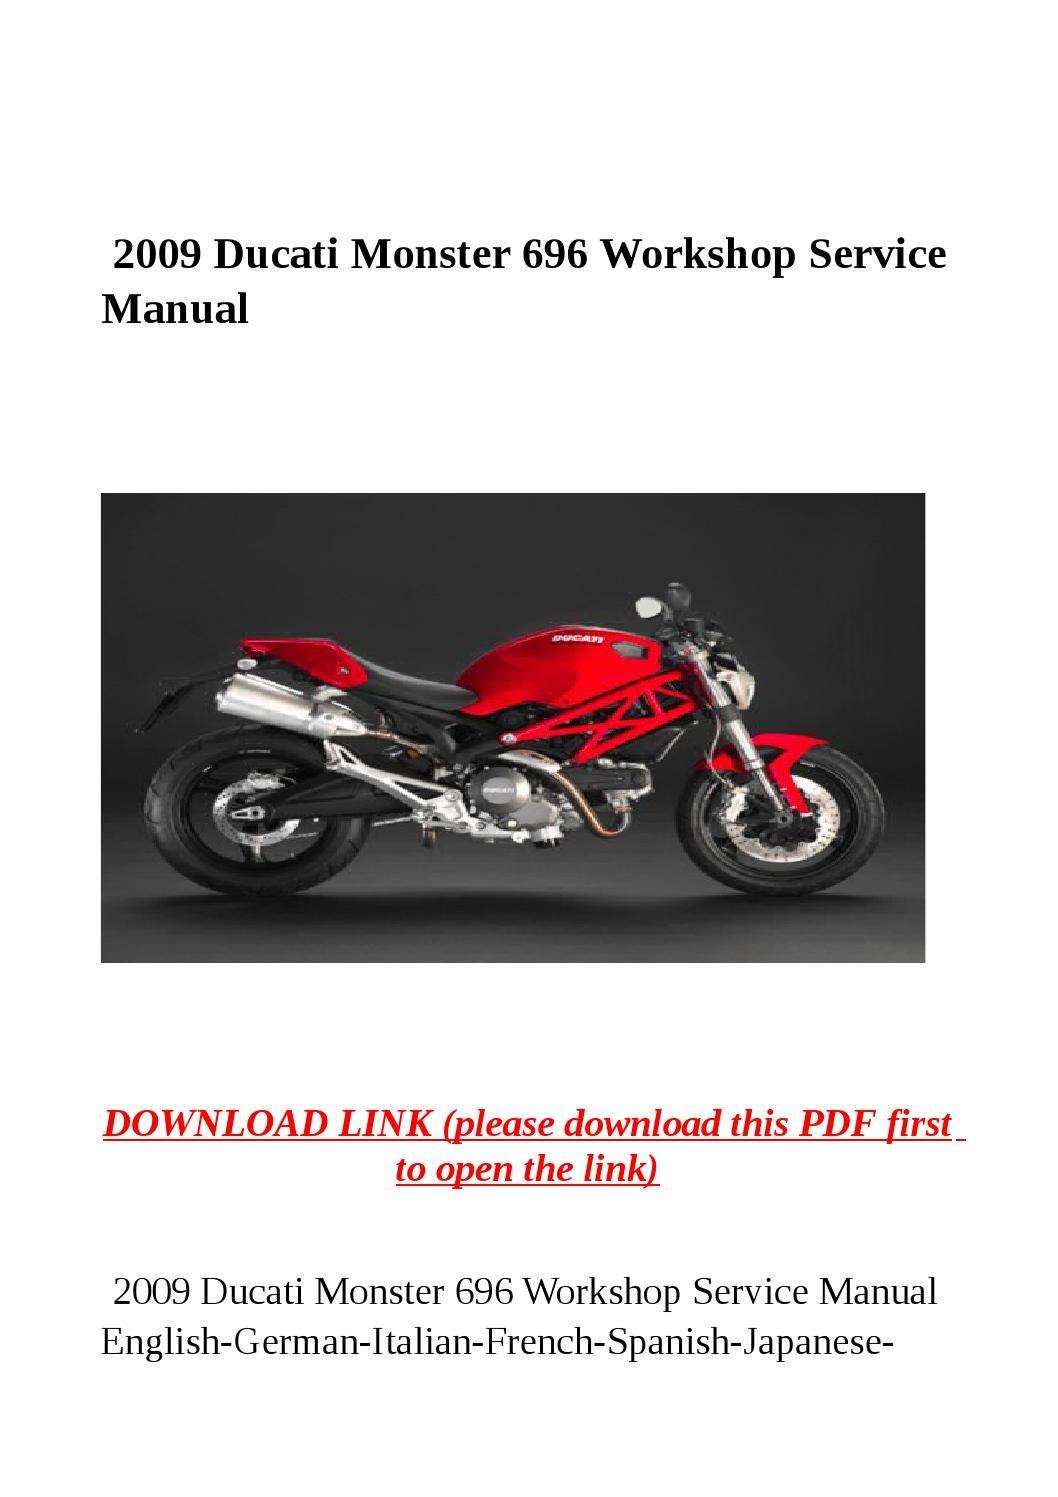 ducati monster 696 maintenance guide